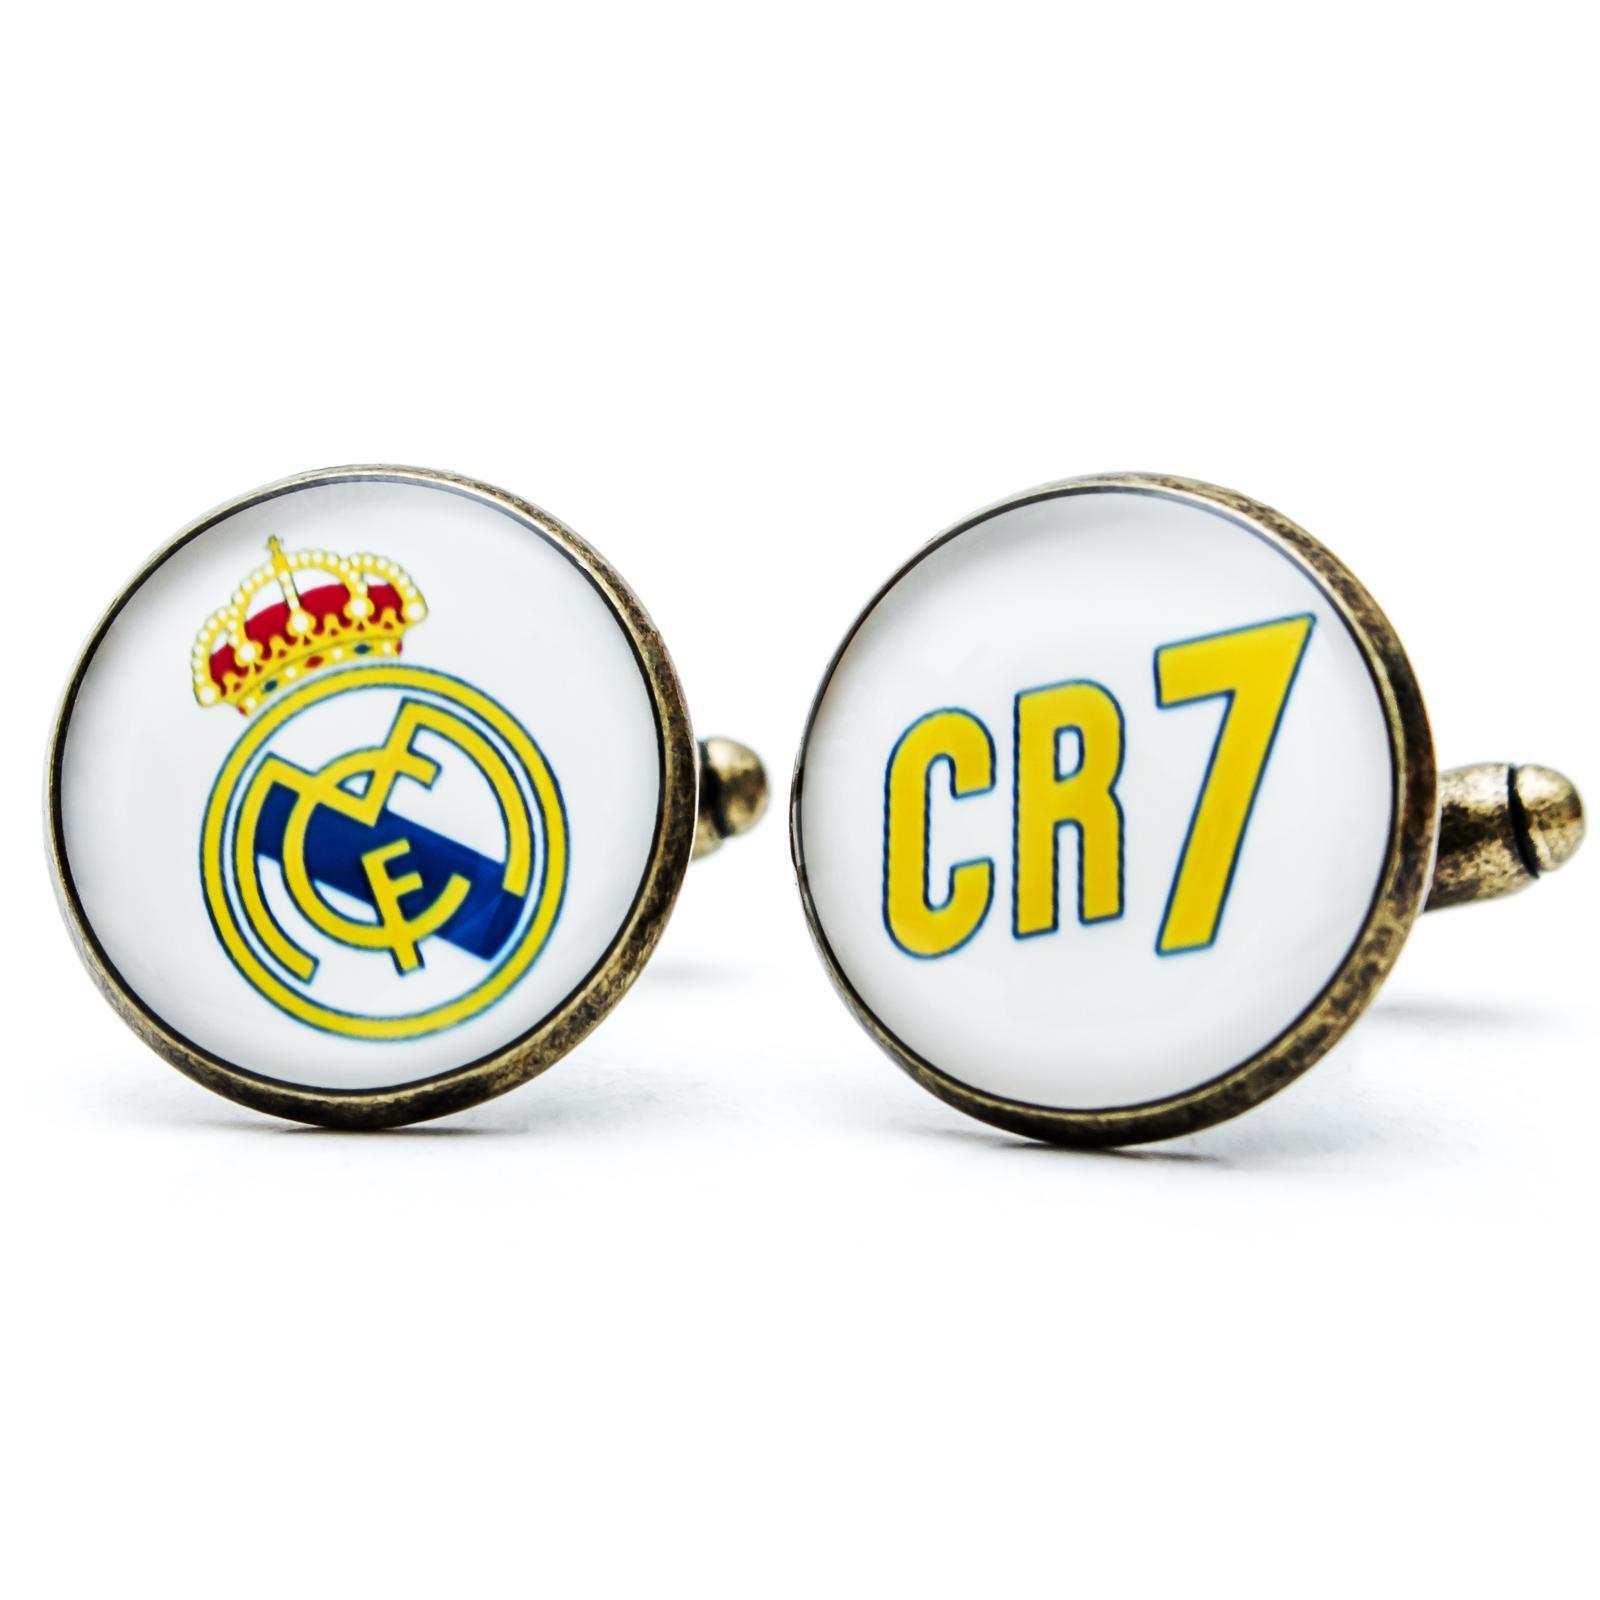 ♥  Manžetové gombíky na mieru - presne podľa Tvojich predstáv ♥ - Manžetky pre fanúšika Ronalda a Realu Madrid - CR7